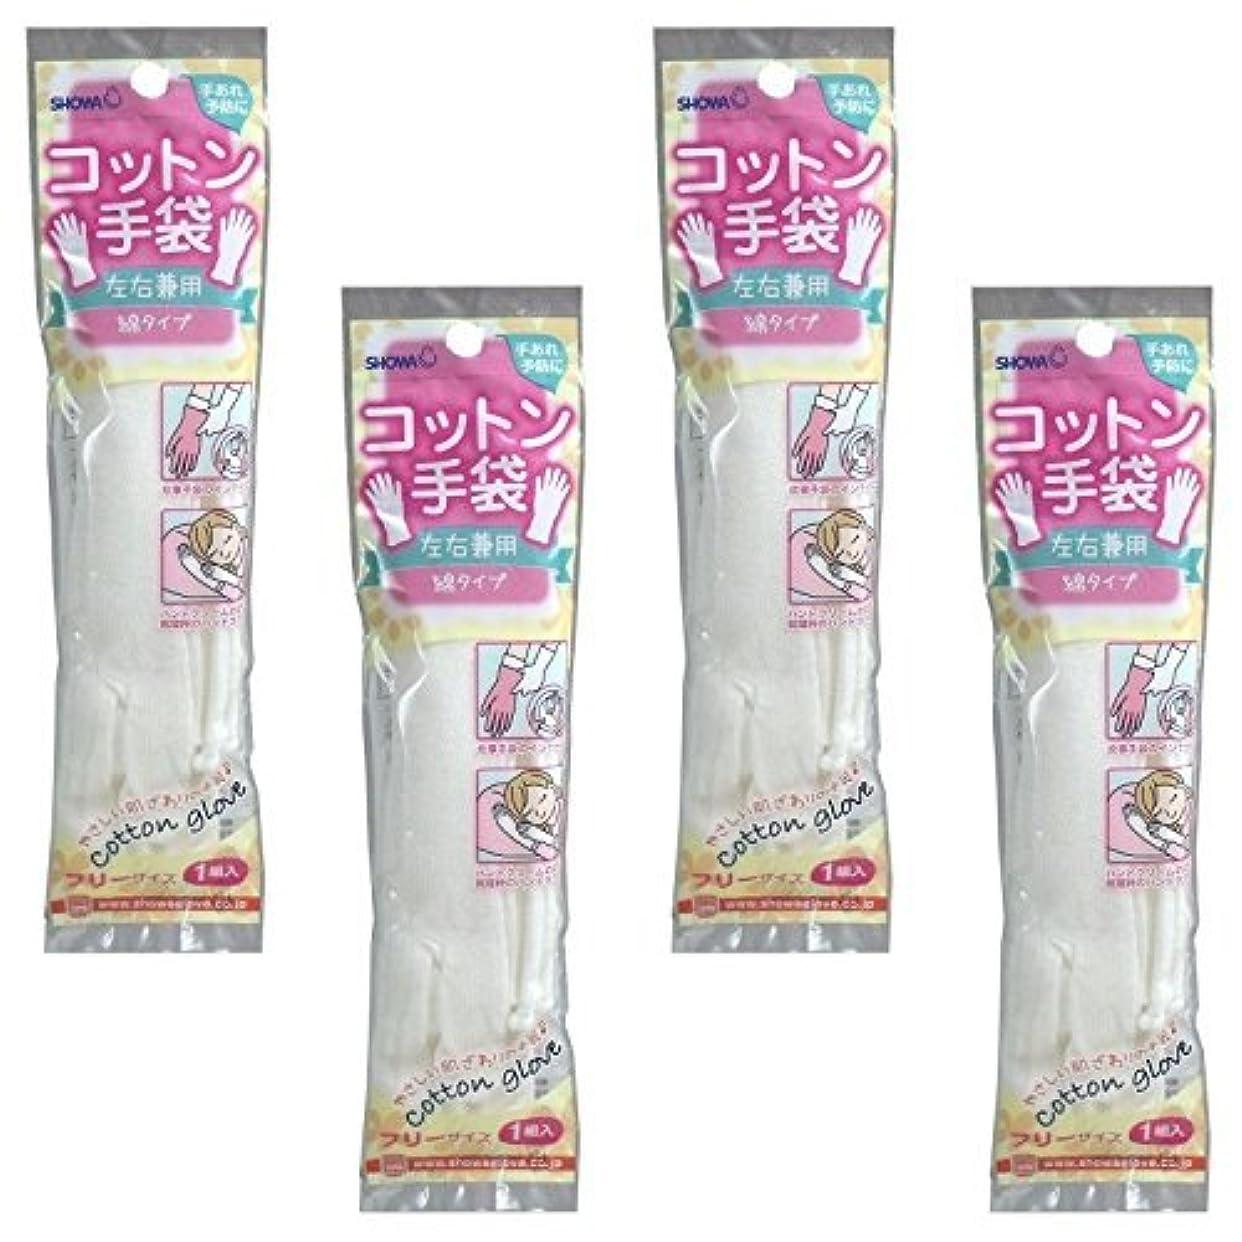 蘇生する飢え代わりに【まとめ買い】ショーワ コットン手袋 綿タイプ ホワイト フリーサイズ 1組入【×4個】